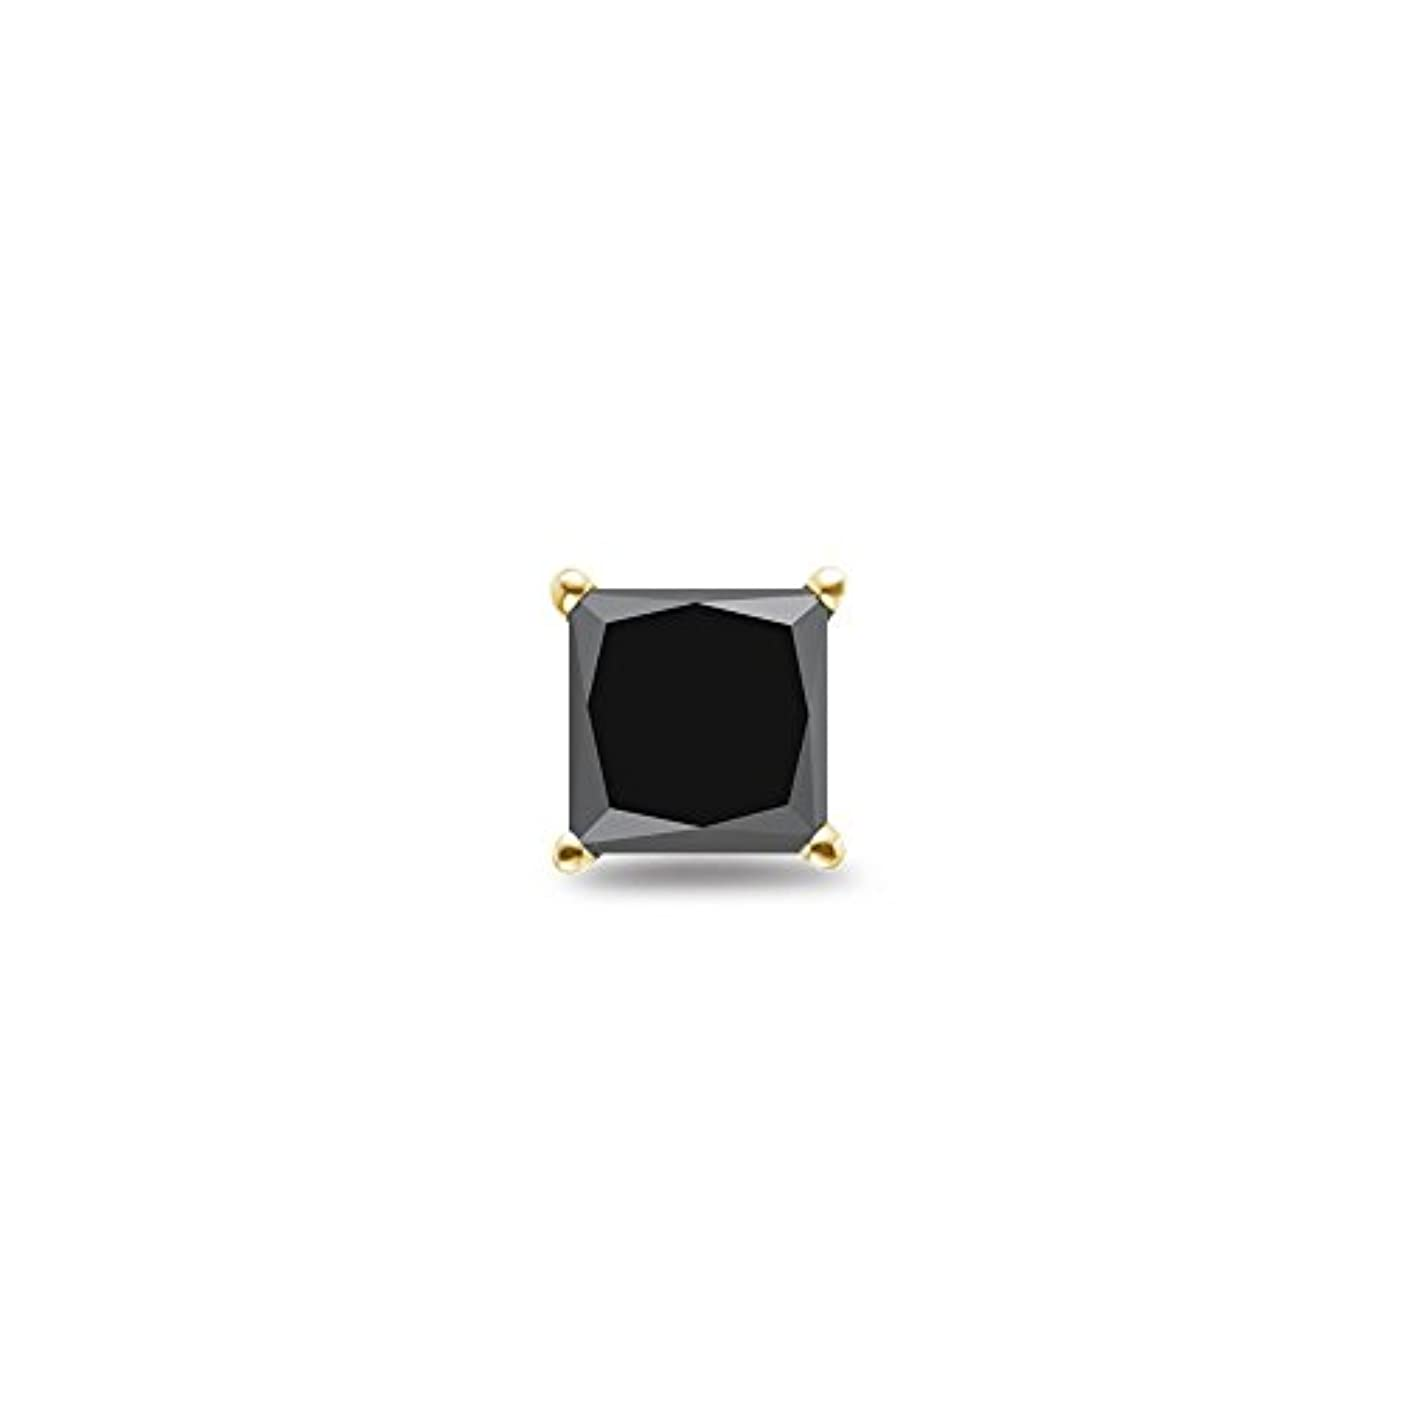 強制子供時代冗長1 / 9 ( 0.10 – 0.13 ) CTSの2.00 – 2.50 MMプリンセスAAAブラックダイヤモンドメンズスタッドイヤリング18 Kイエローゴールド